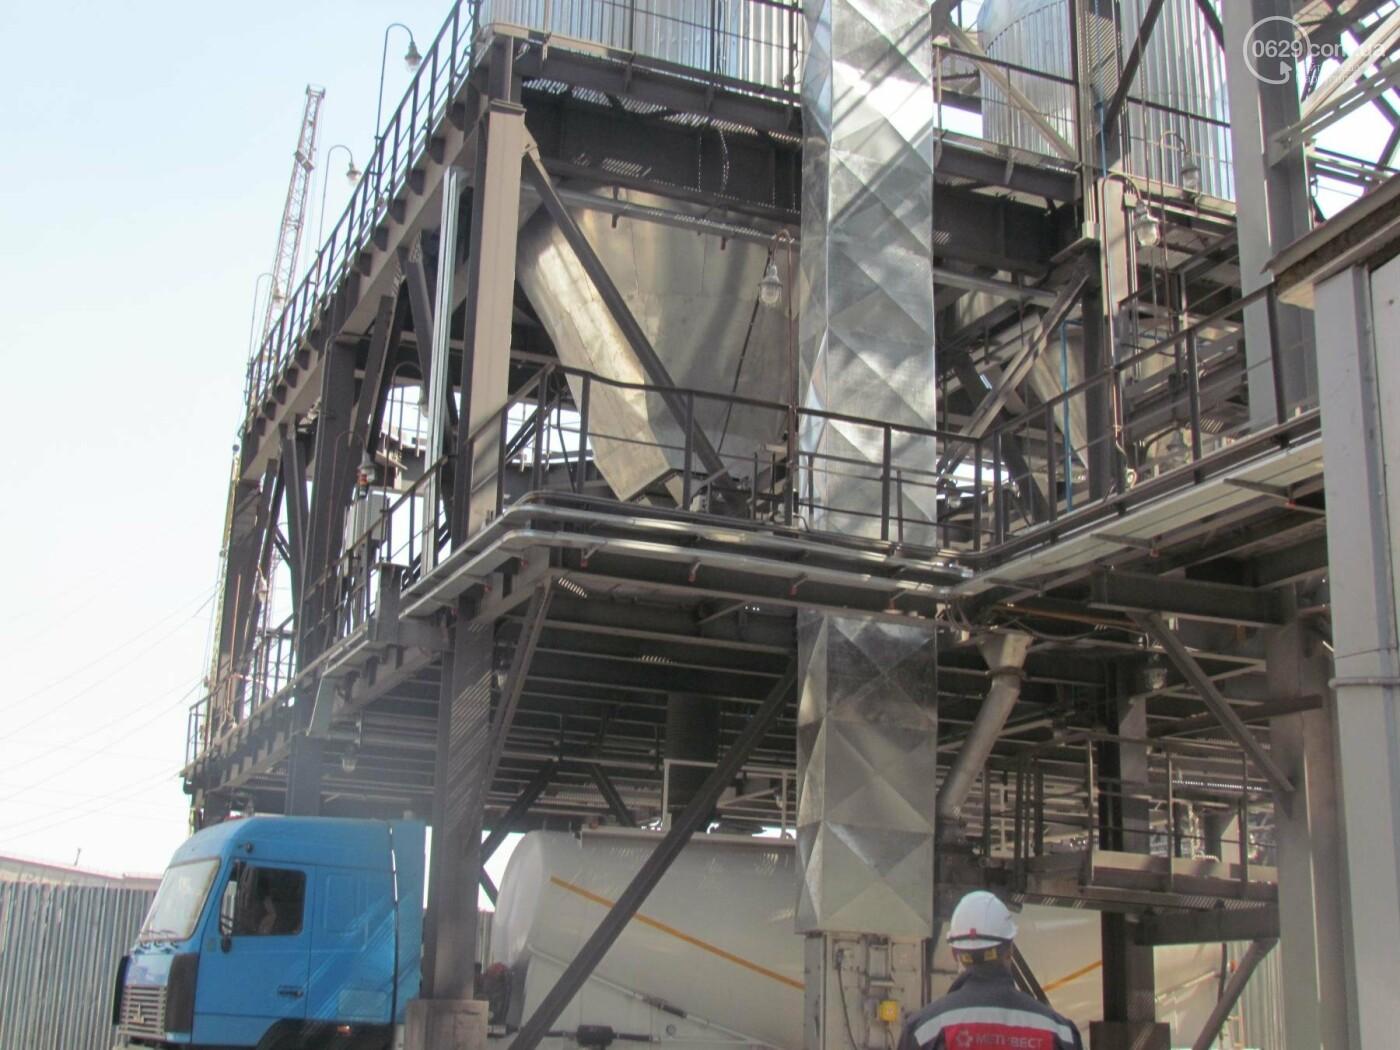 «Метинвест» запустил первый комплекс газоочистки аглофабрики, заявив о сокращении выбросов на треть (ФОТОРЕПОРТАЖ), фото-12